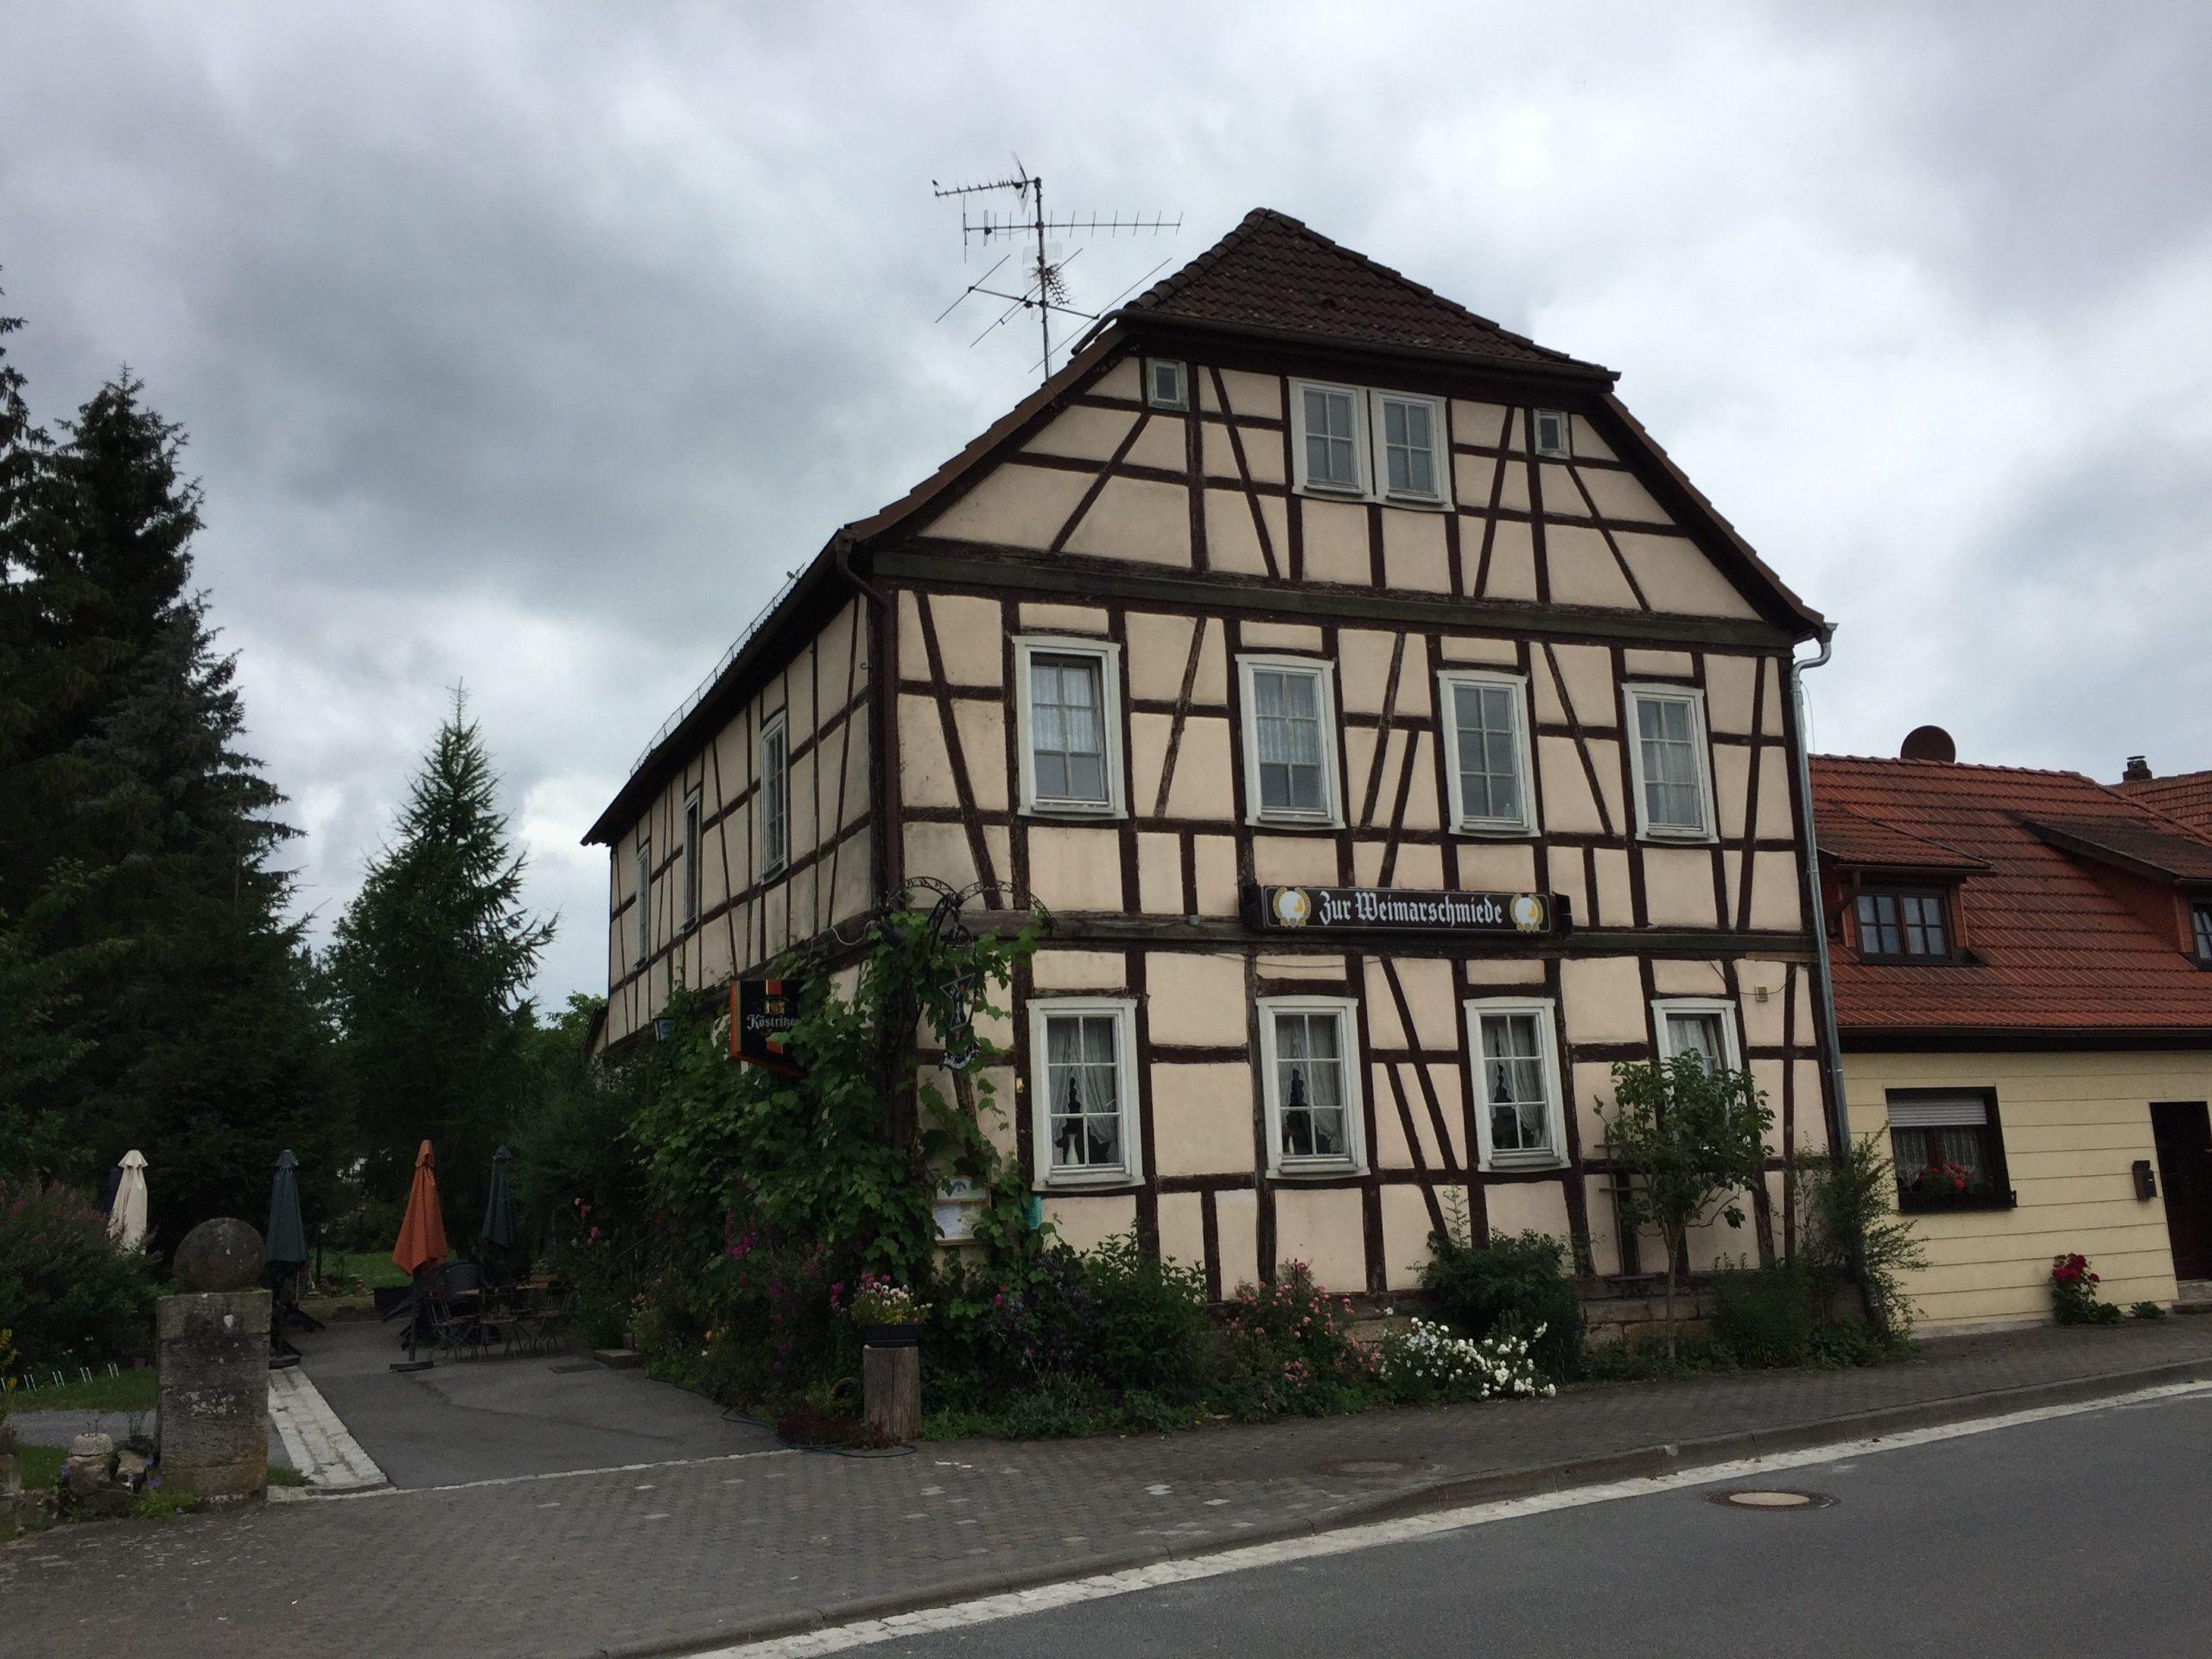 Zur Weimarschmiede - nördlichstes Gasthaus Bayerns